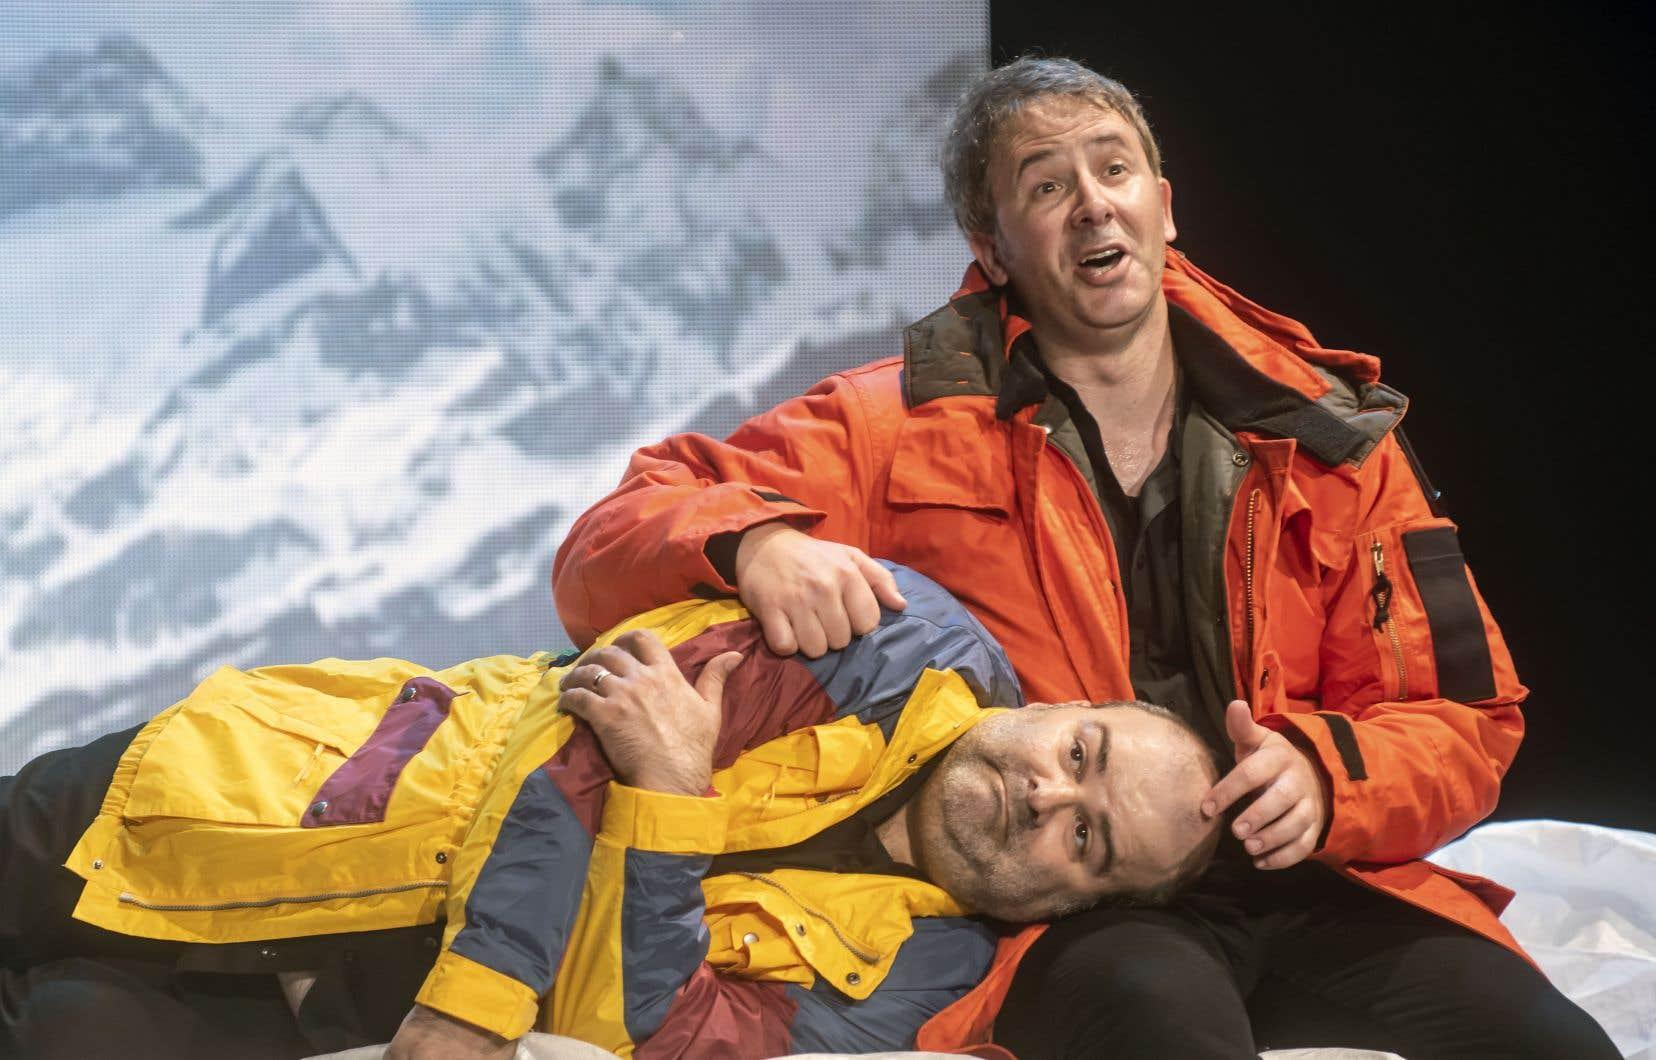 Simon Boudreault (à droite) et Laurent Paquin abordent le sujet tabou de la mort dans une comédie à sketchs, présentée au festival Juste pour rire.